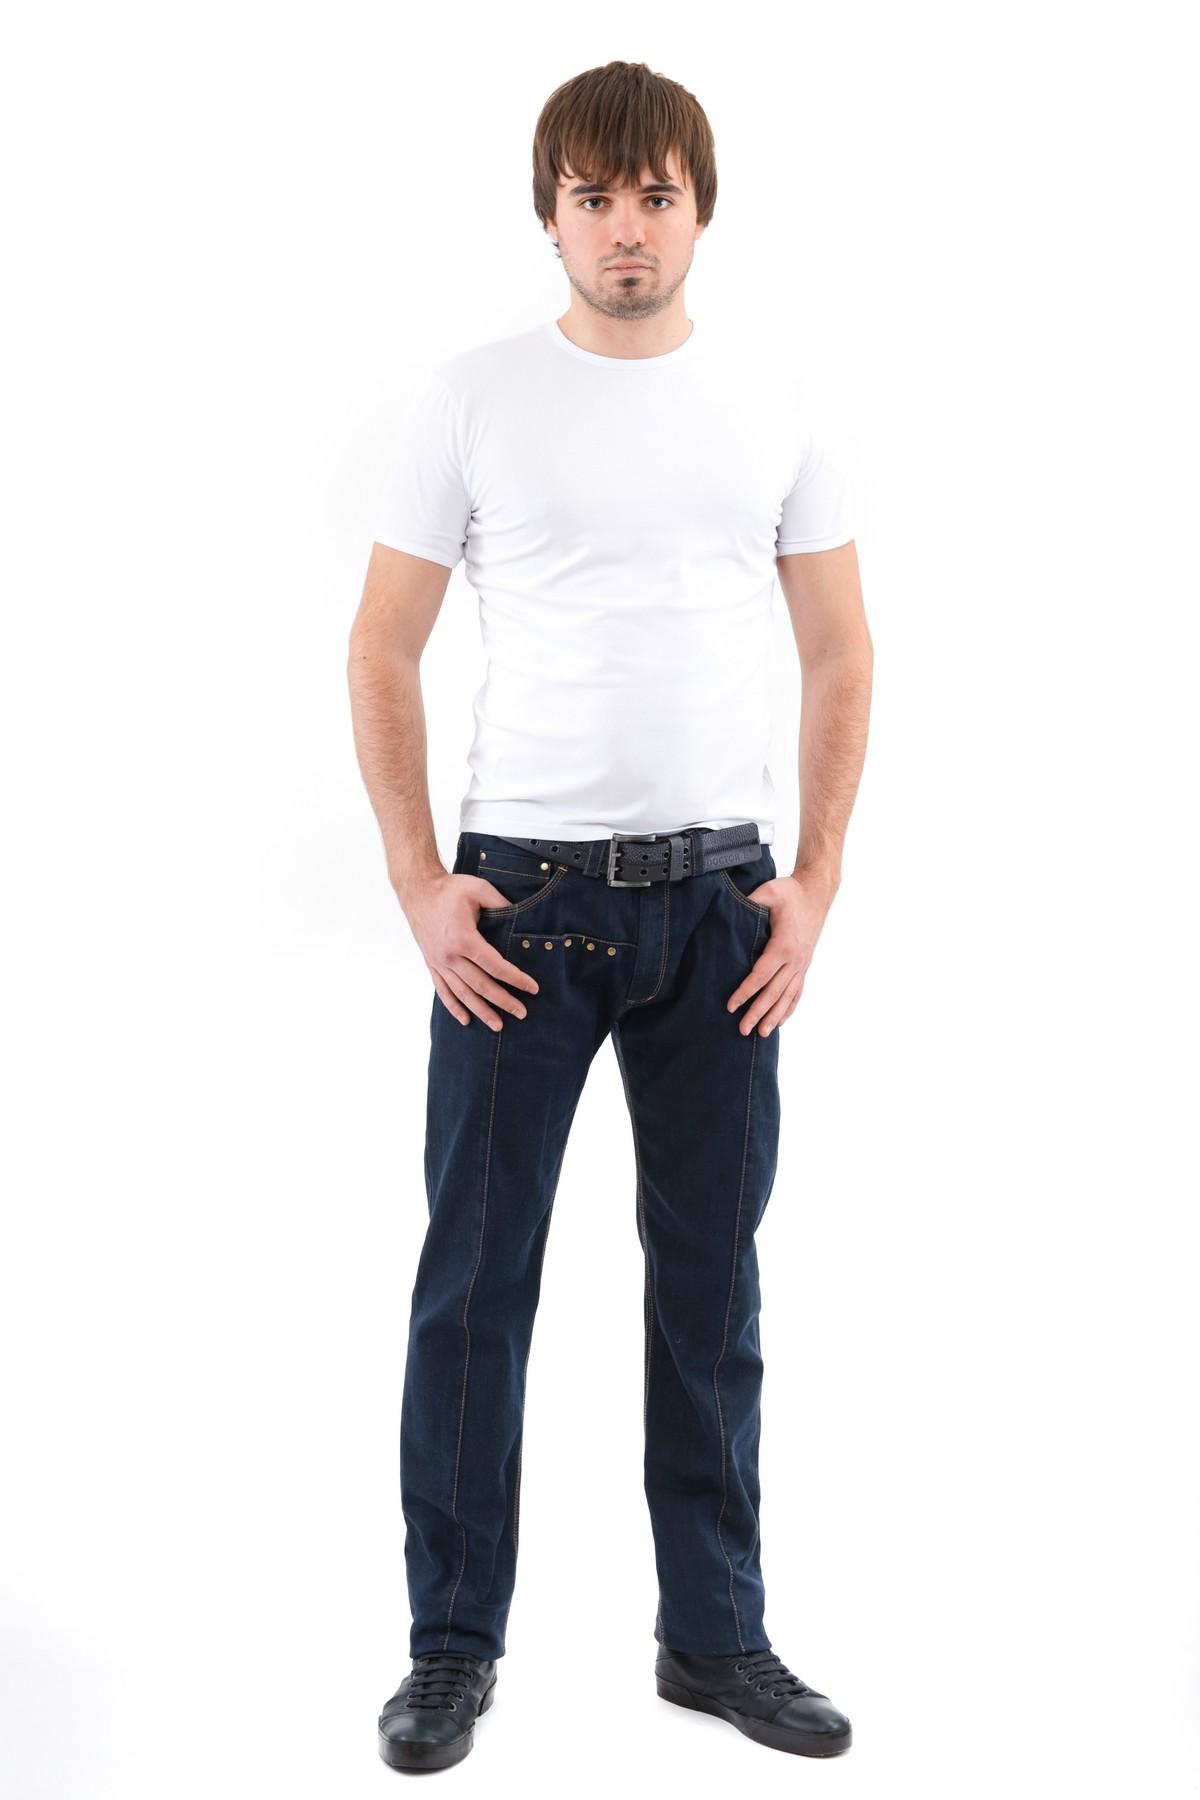 ФутболкаМужские футболки, джемпера<br>Футболка – это удобный выбор на каждый день, поэтому она должна быть яркой и стильной, чтобы привнести в повседневный образ красок. Округлый вырез горловины, короткие рукава, эффектный принт - все это футболка Doctor E, из высококачественного трикотажа.<br><br>Цвет: белый<br>Состав: 92% хлопок 8% лайкра<br>Размер: 52,54,56,58,60<br>Страна дизайна: Россия<br>Страна производства: Россия